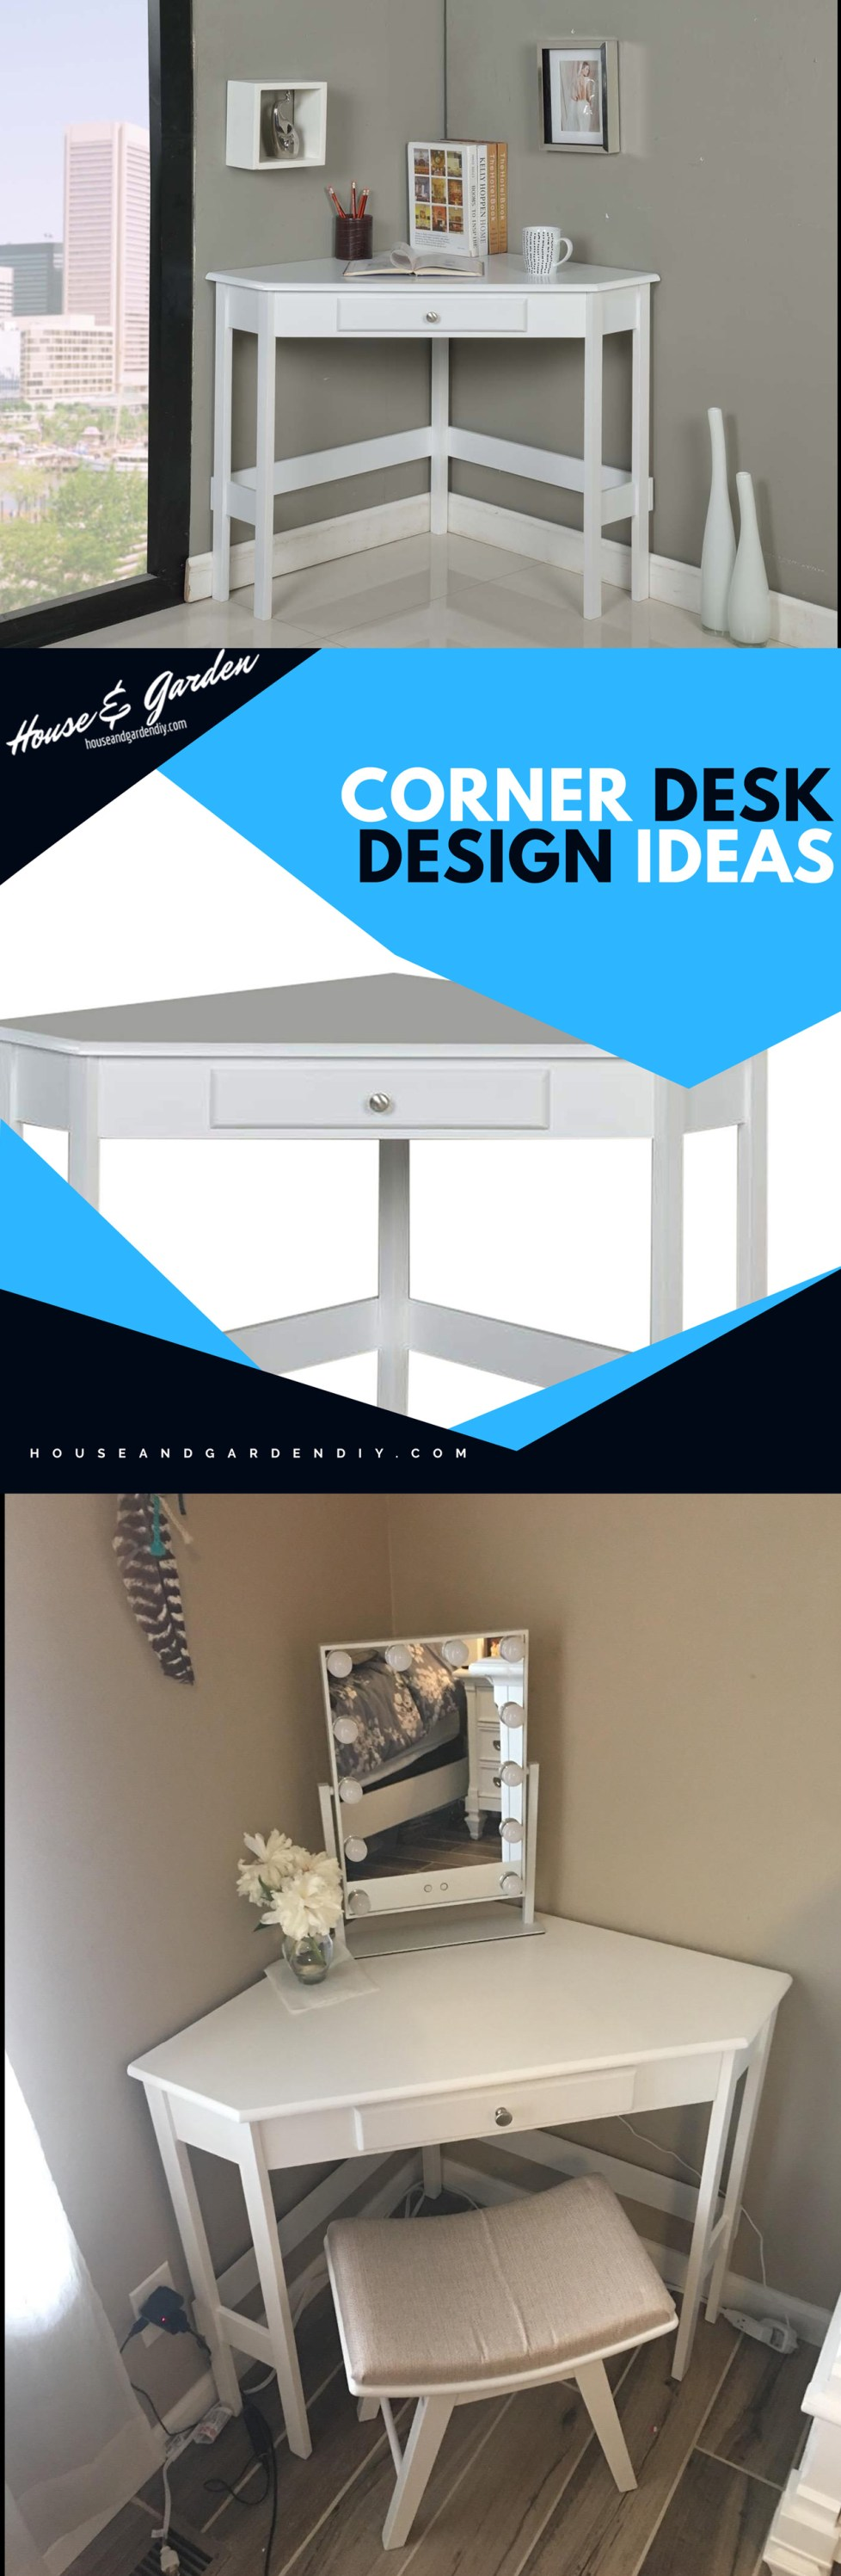 corner desk images